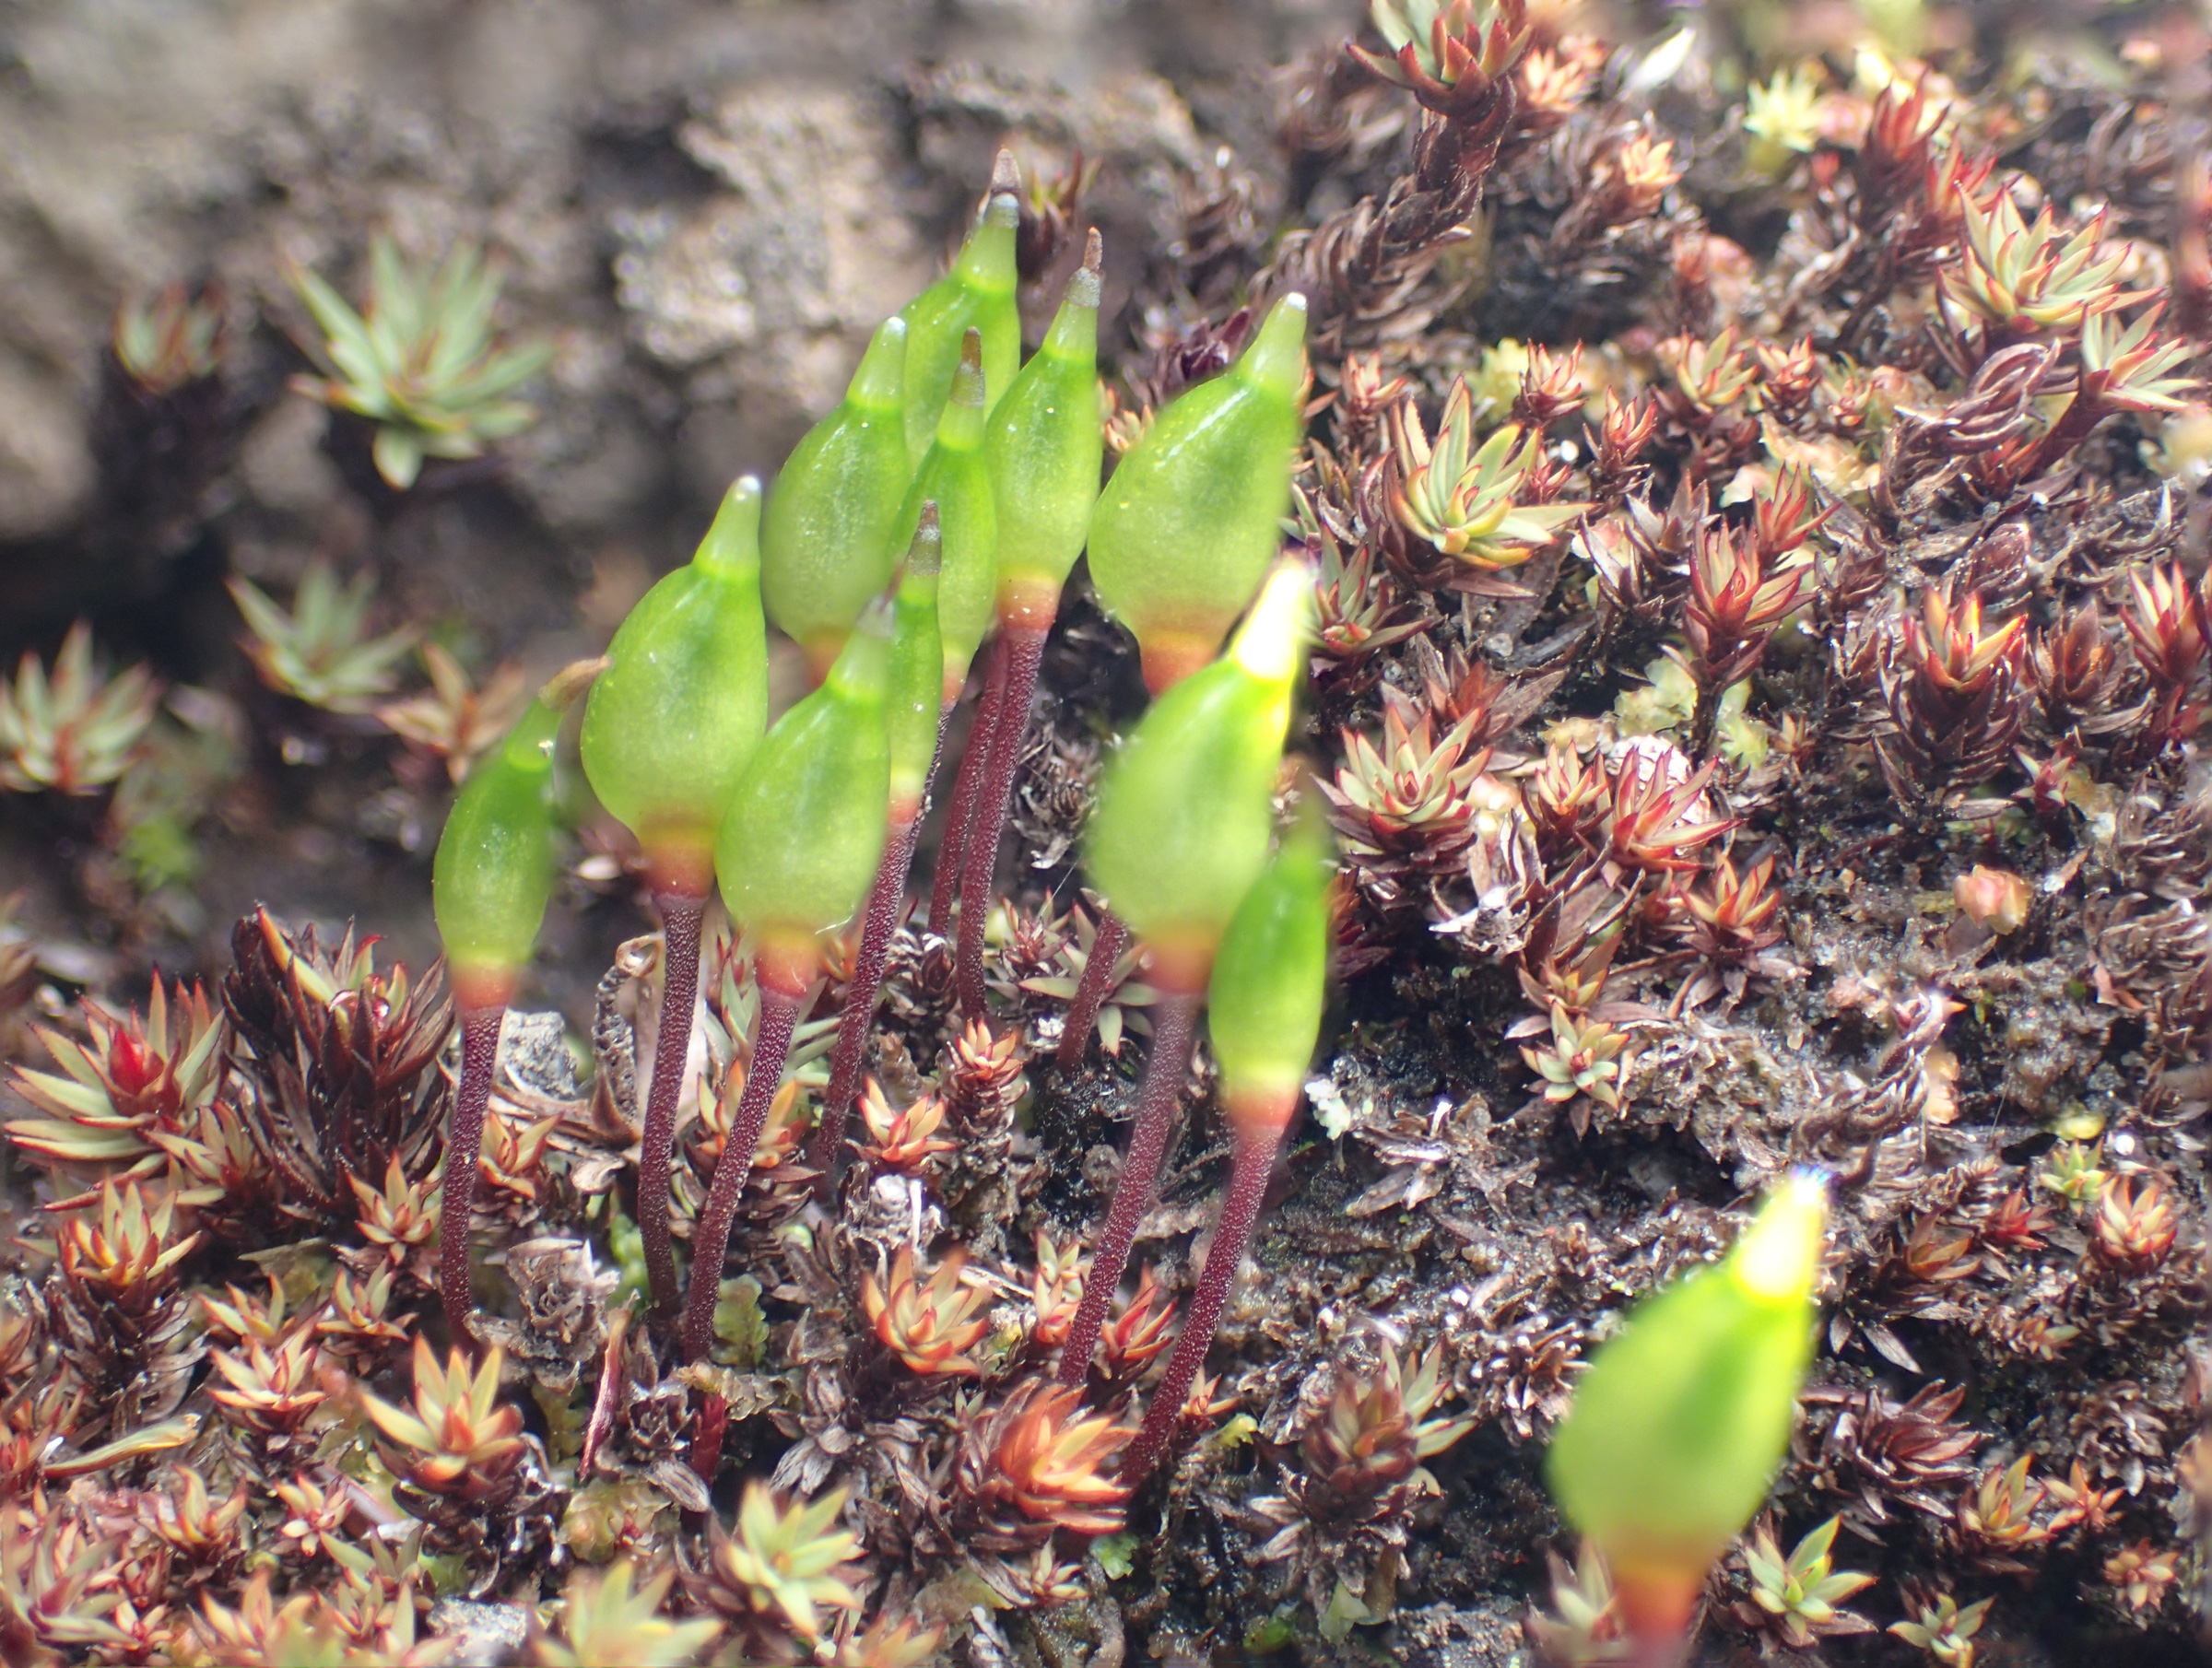 キセルゴケ属 - Buxbaumia - Jap...